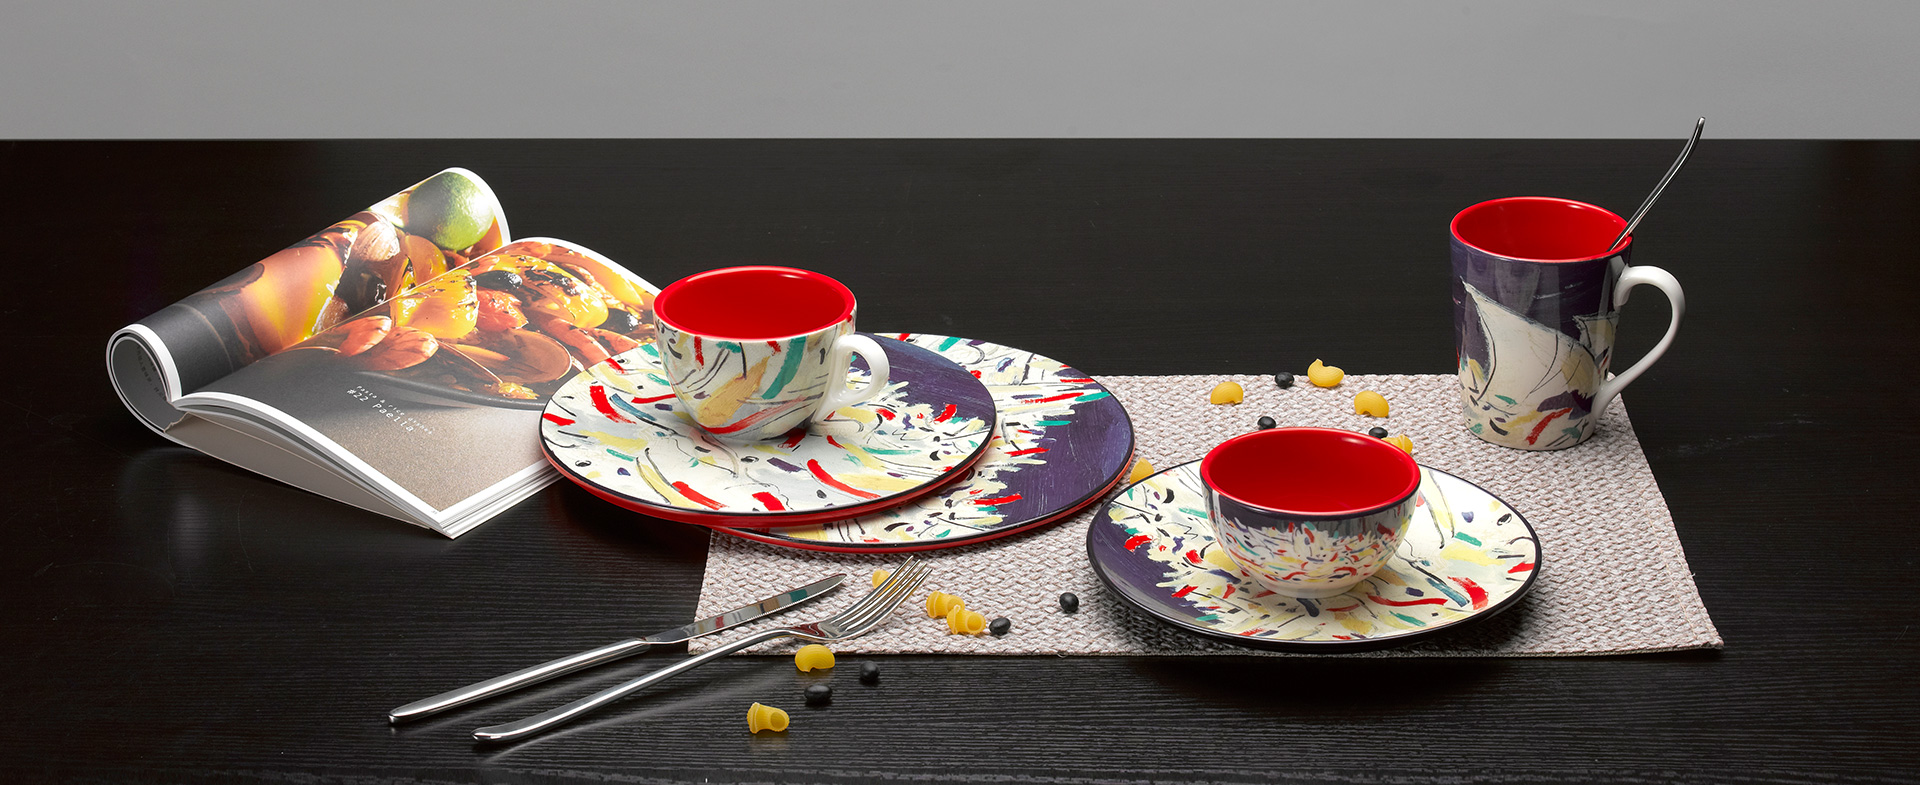 吴冠中系列纹样餐具|印尼舟群